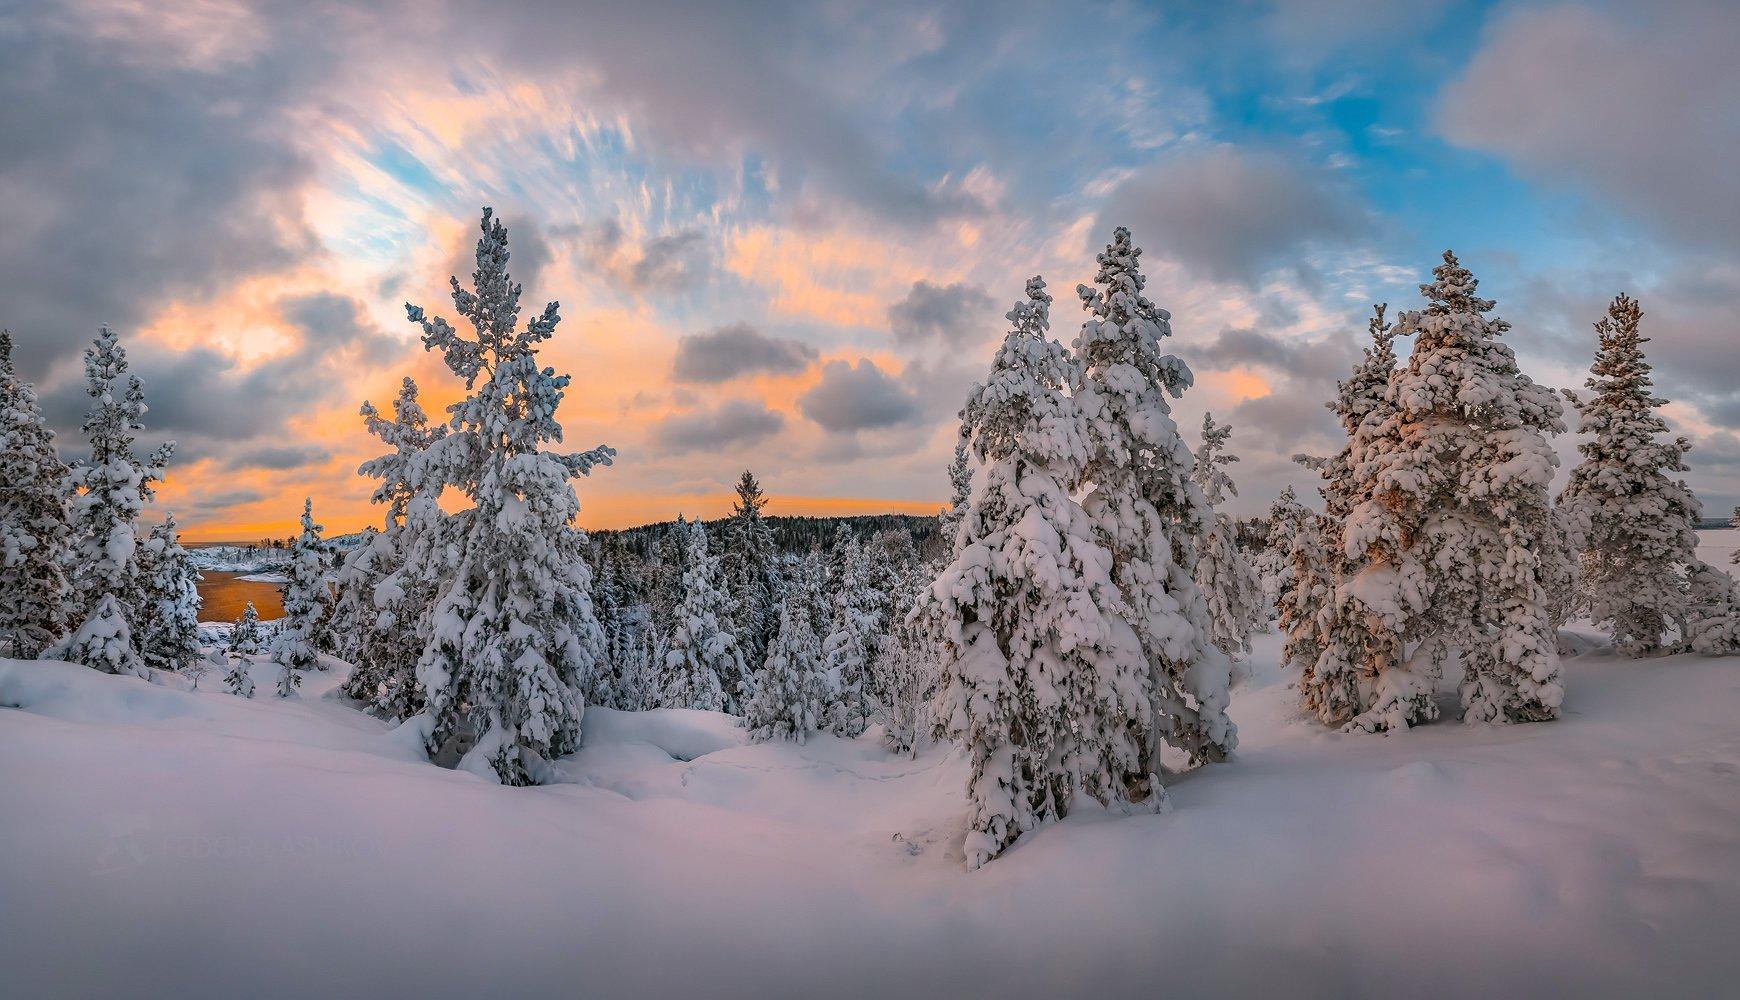 ладожское озеро, карелия, зима, деревья, сосна, сосны, в снегу, заснеженное, закат, облака, снег, зимнее,, Лашков Фёдор